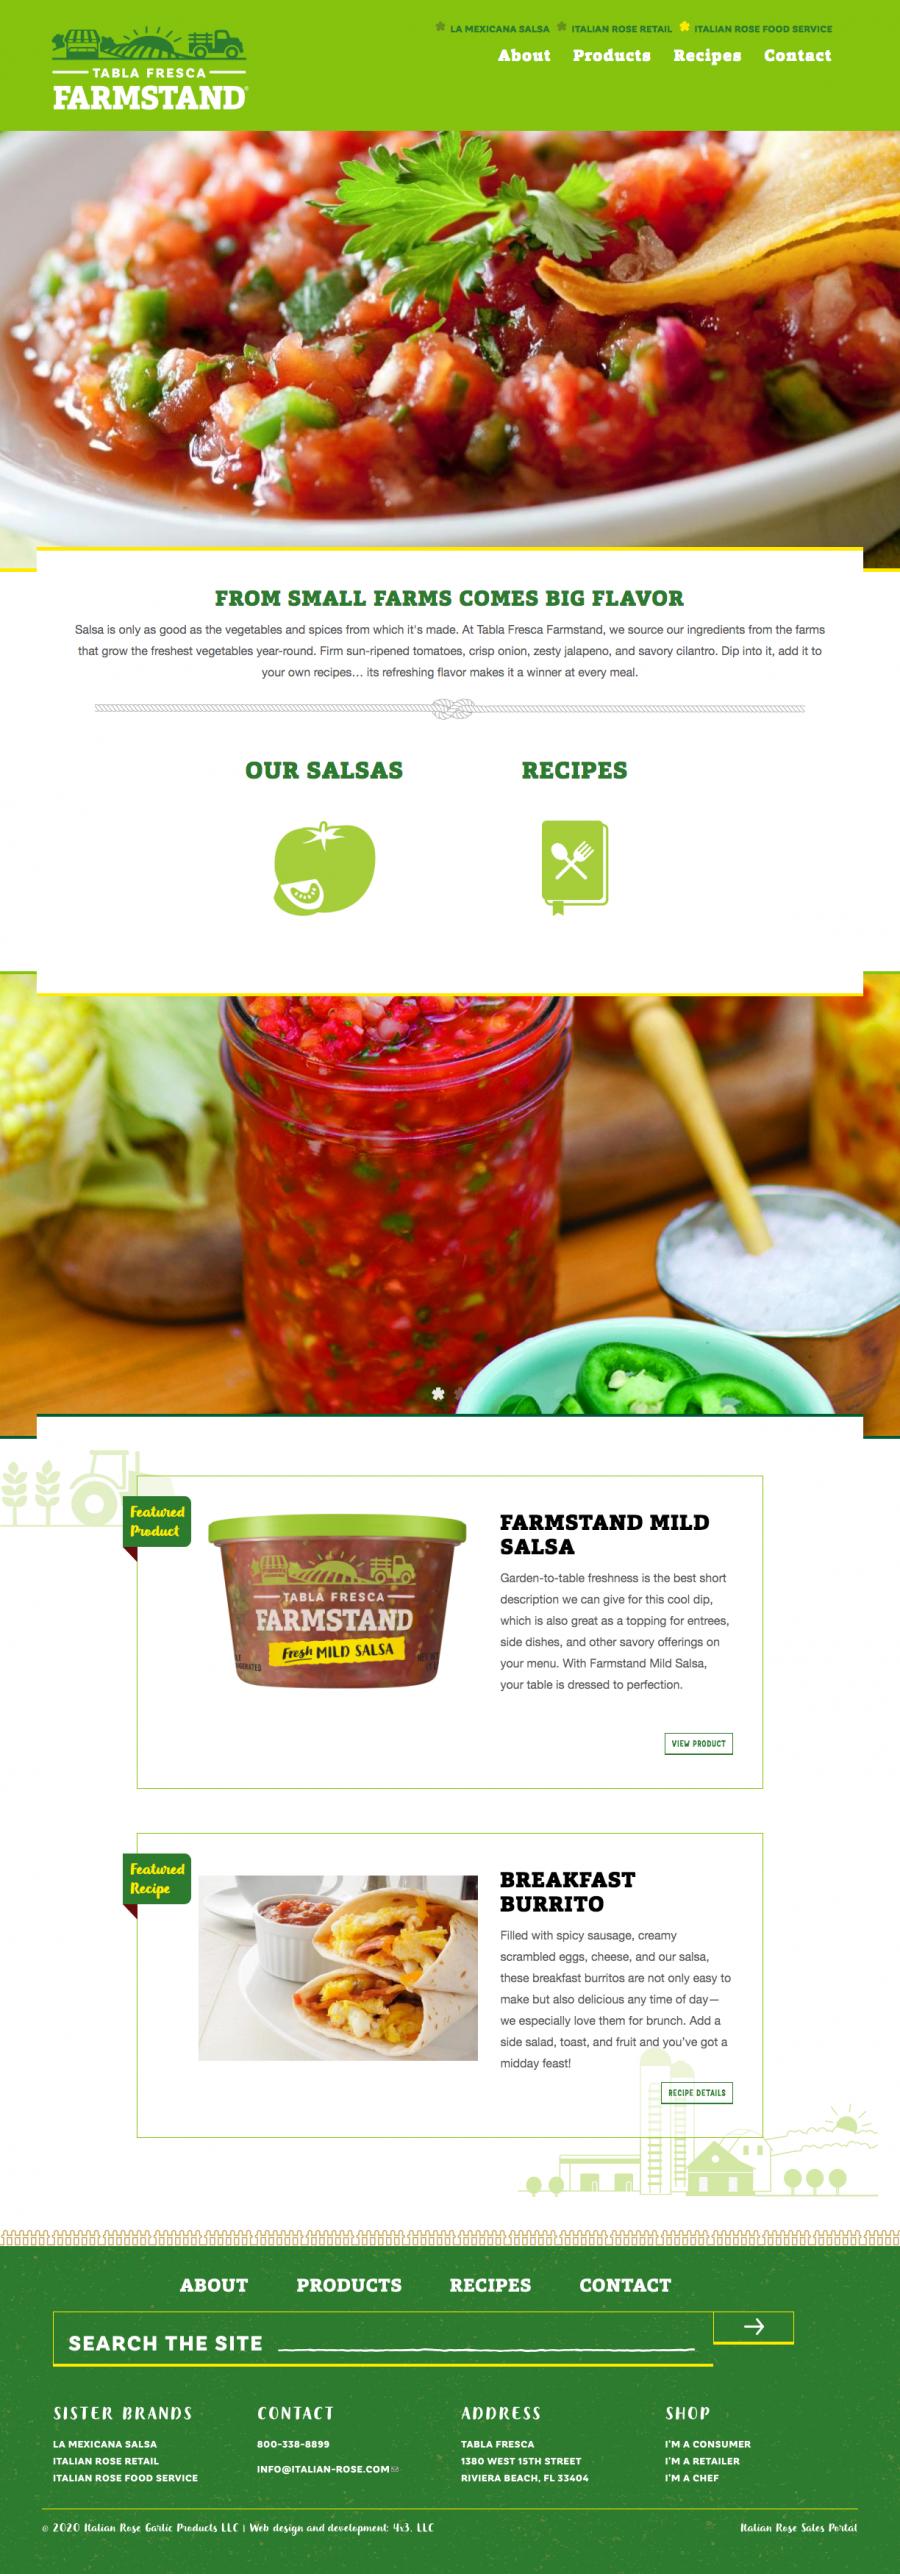 Tabla Fresca Farmstand homepage